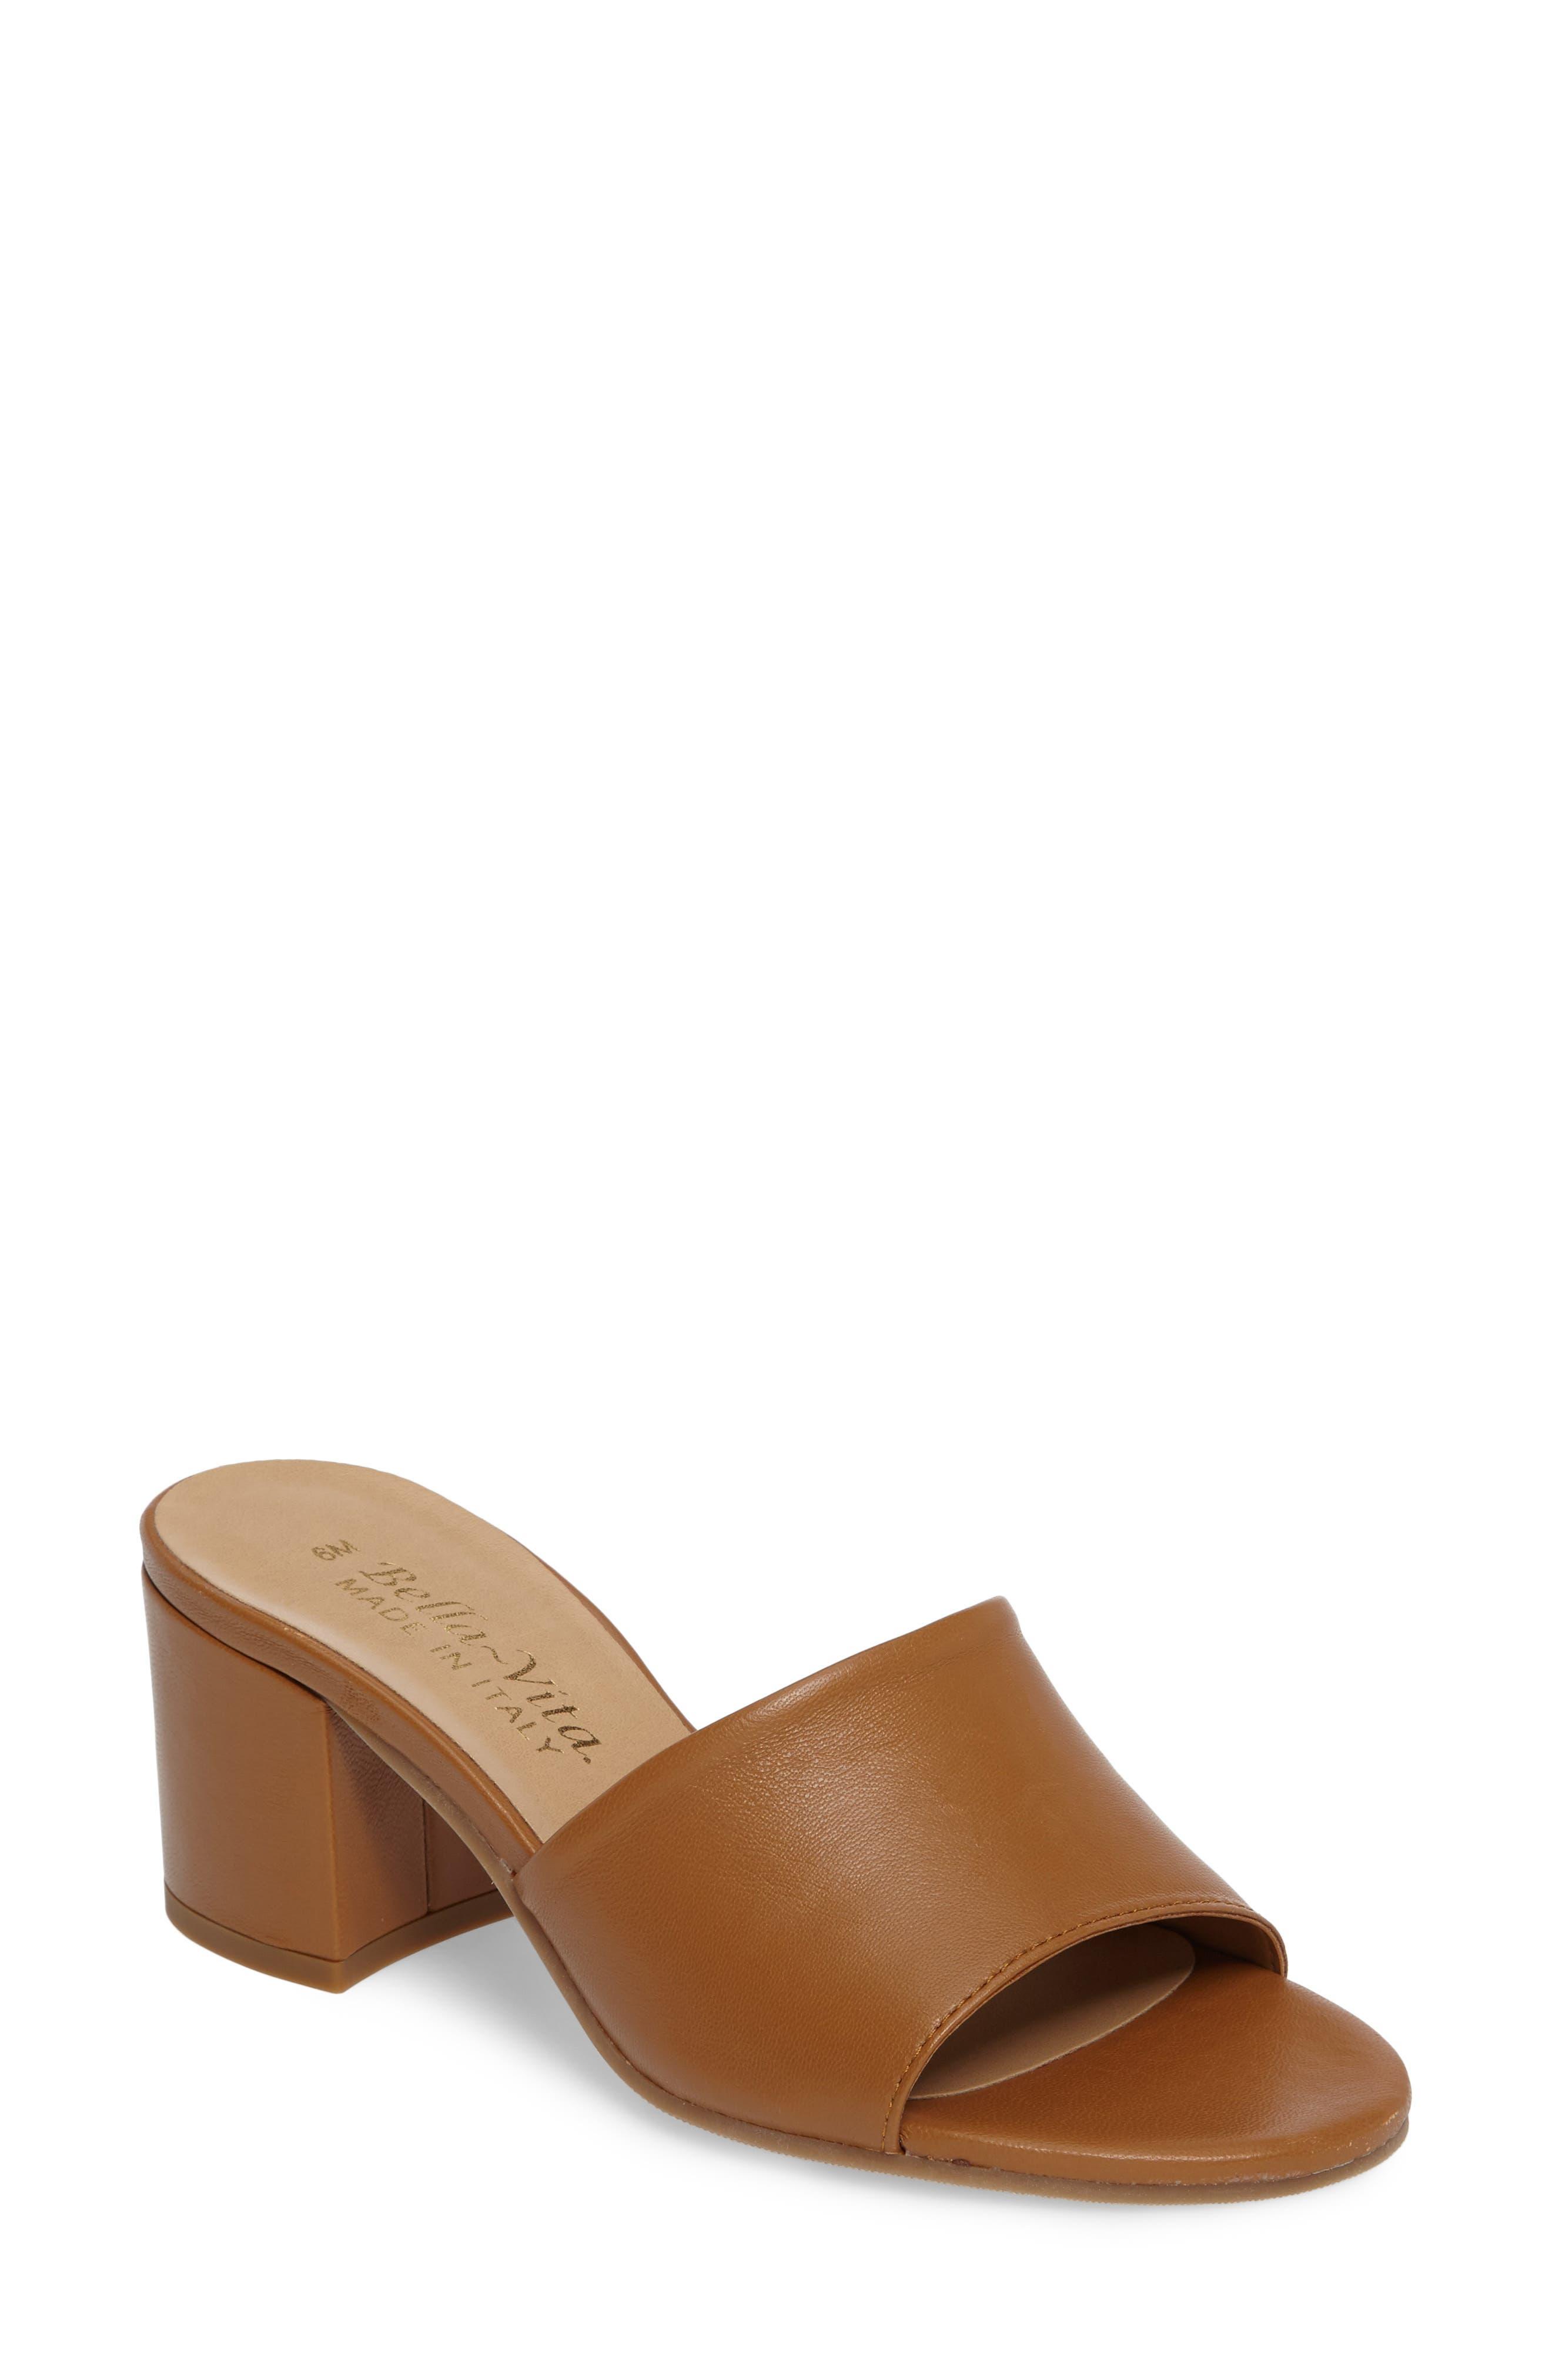 Mel Slide Sandal,                         Main,                         color, CAMEL LEATHER